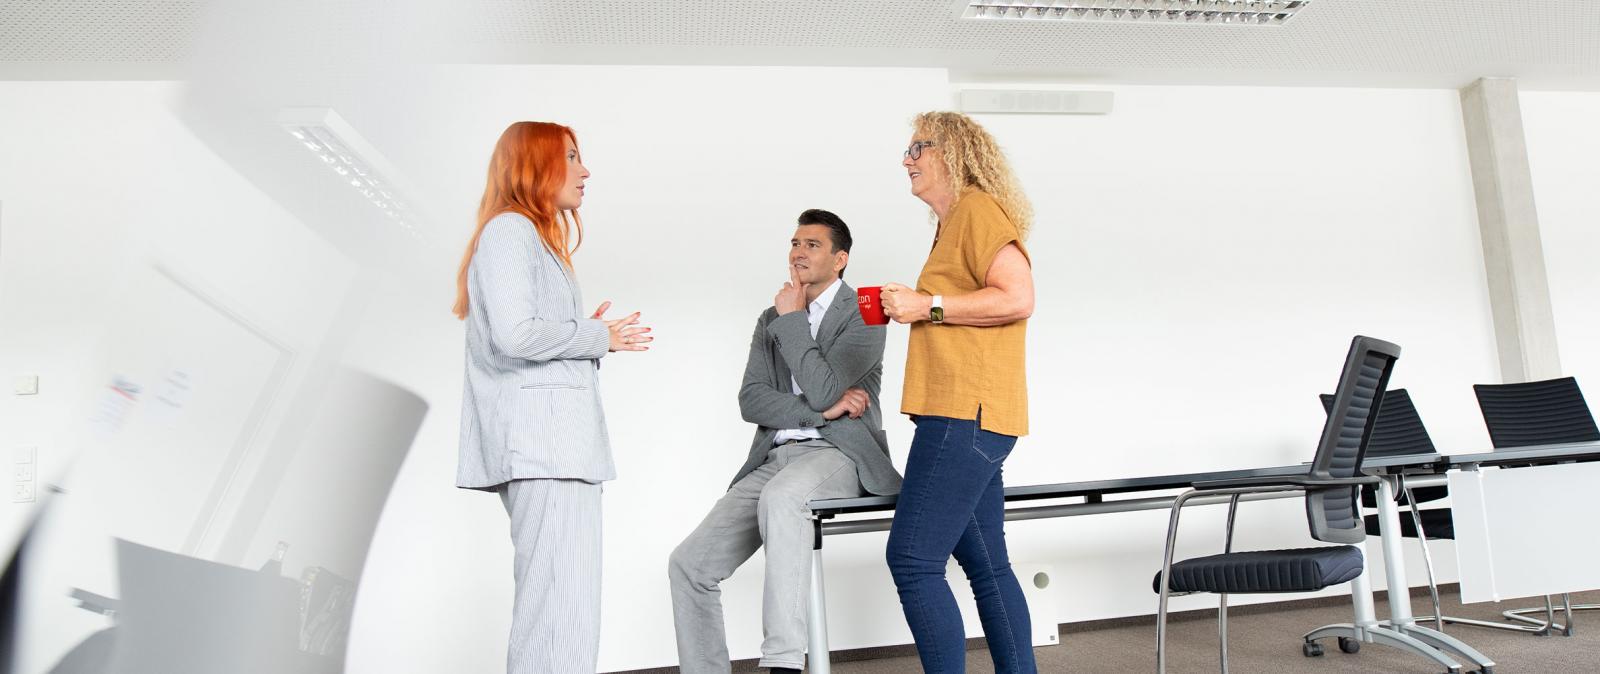 Gesprächssituation in einem Besprechungsraum, zwei Frauen und ein Mann